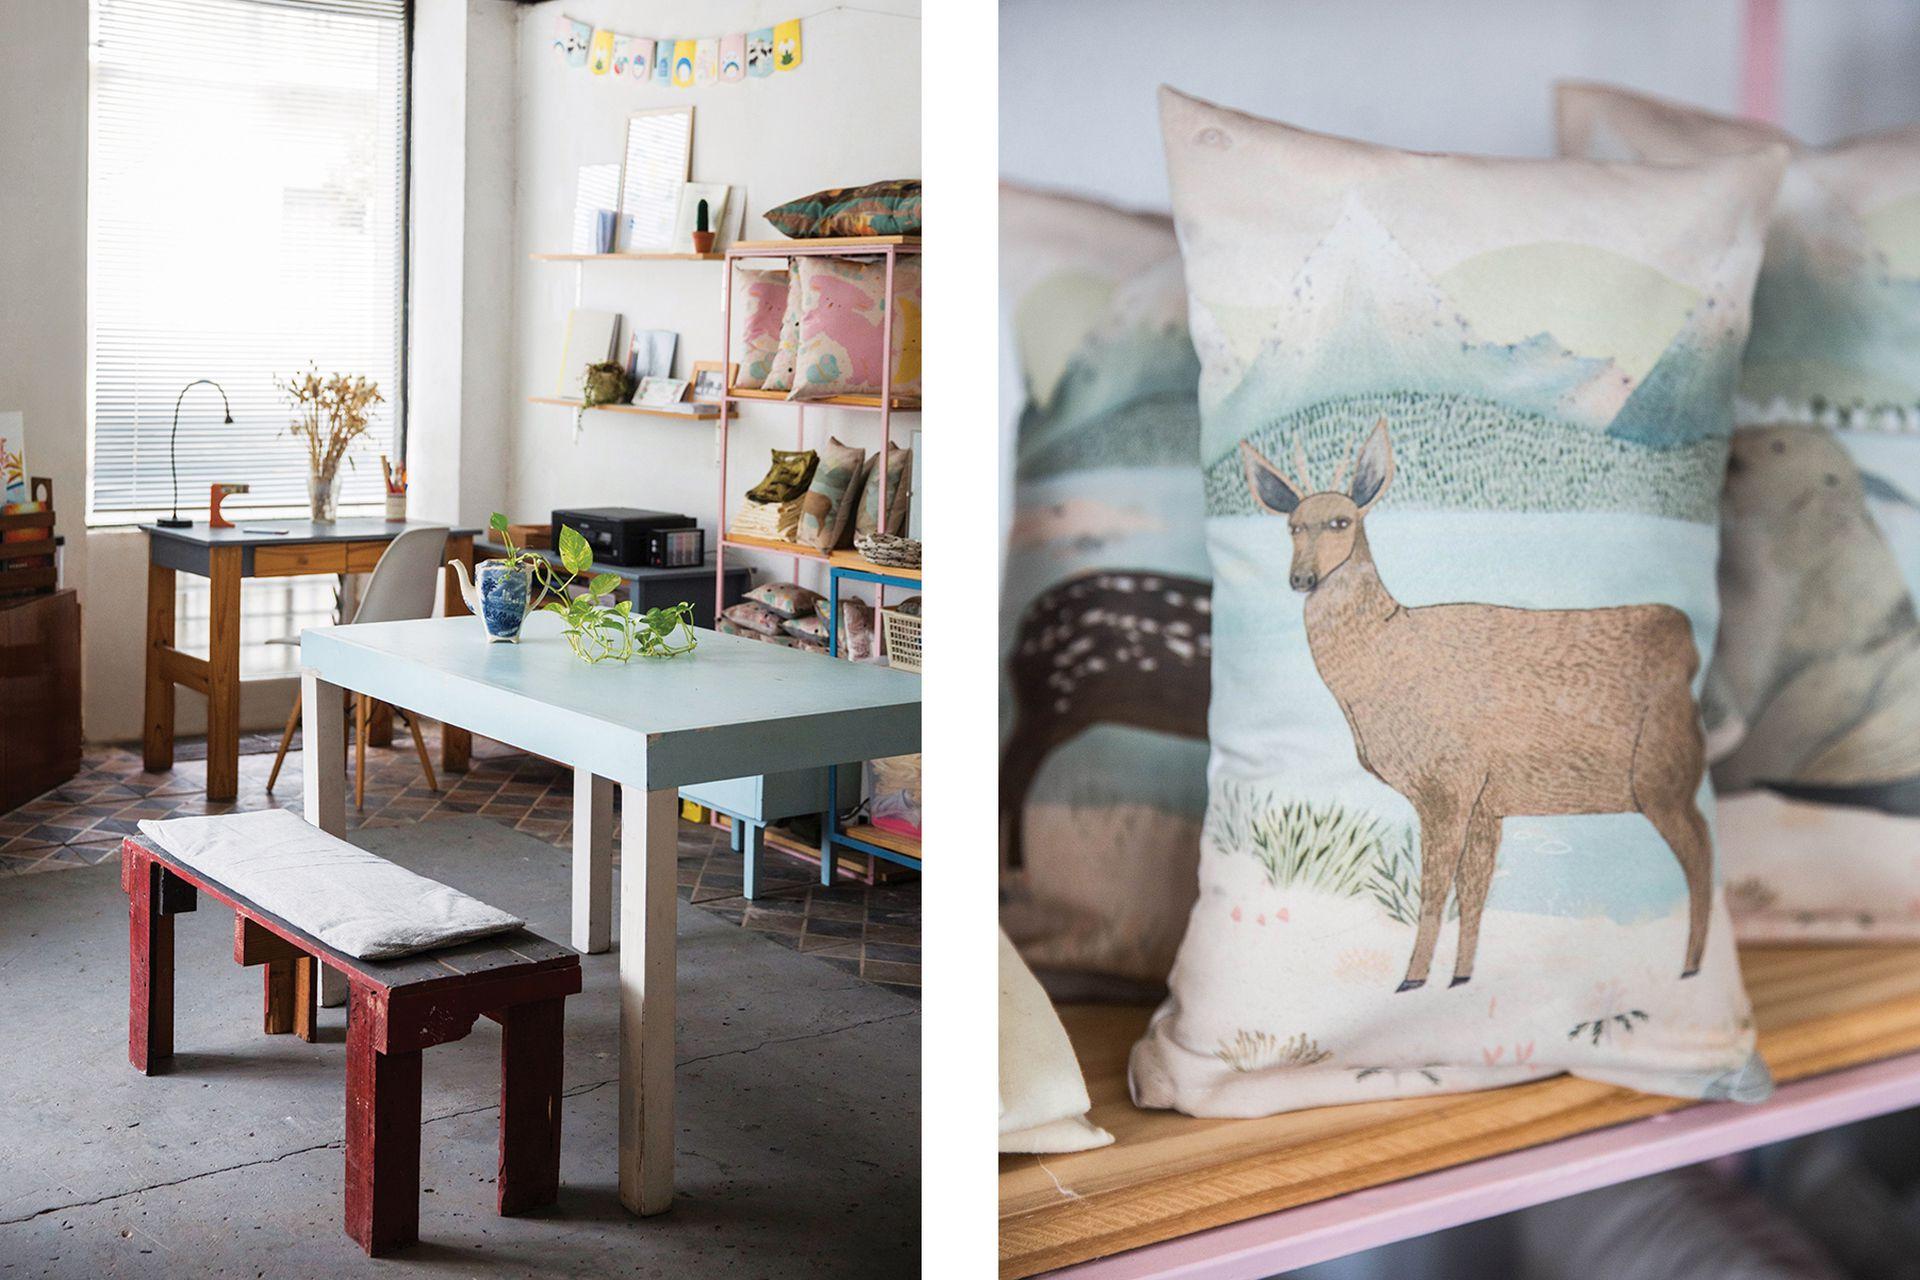 El espacio funciona como espacio de trabajo compartido, showroom y sala de talleres. A la derecha, textiles que difunden la fauna nativa de Fauna Querida.